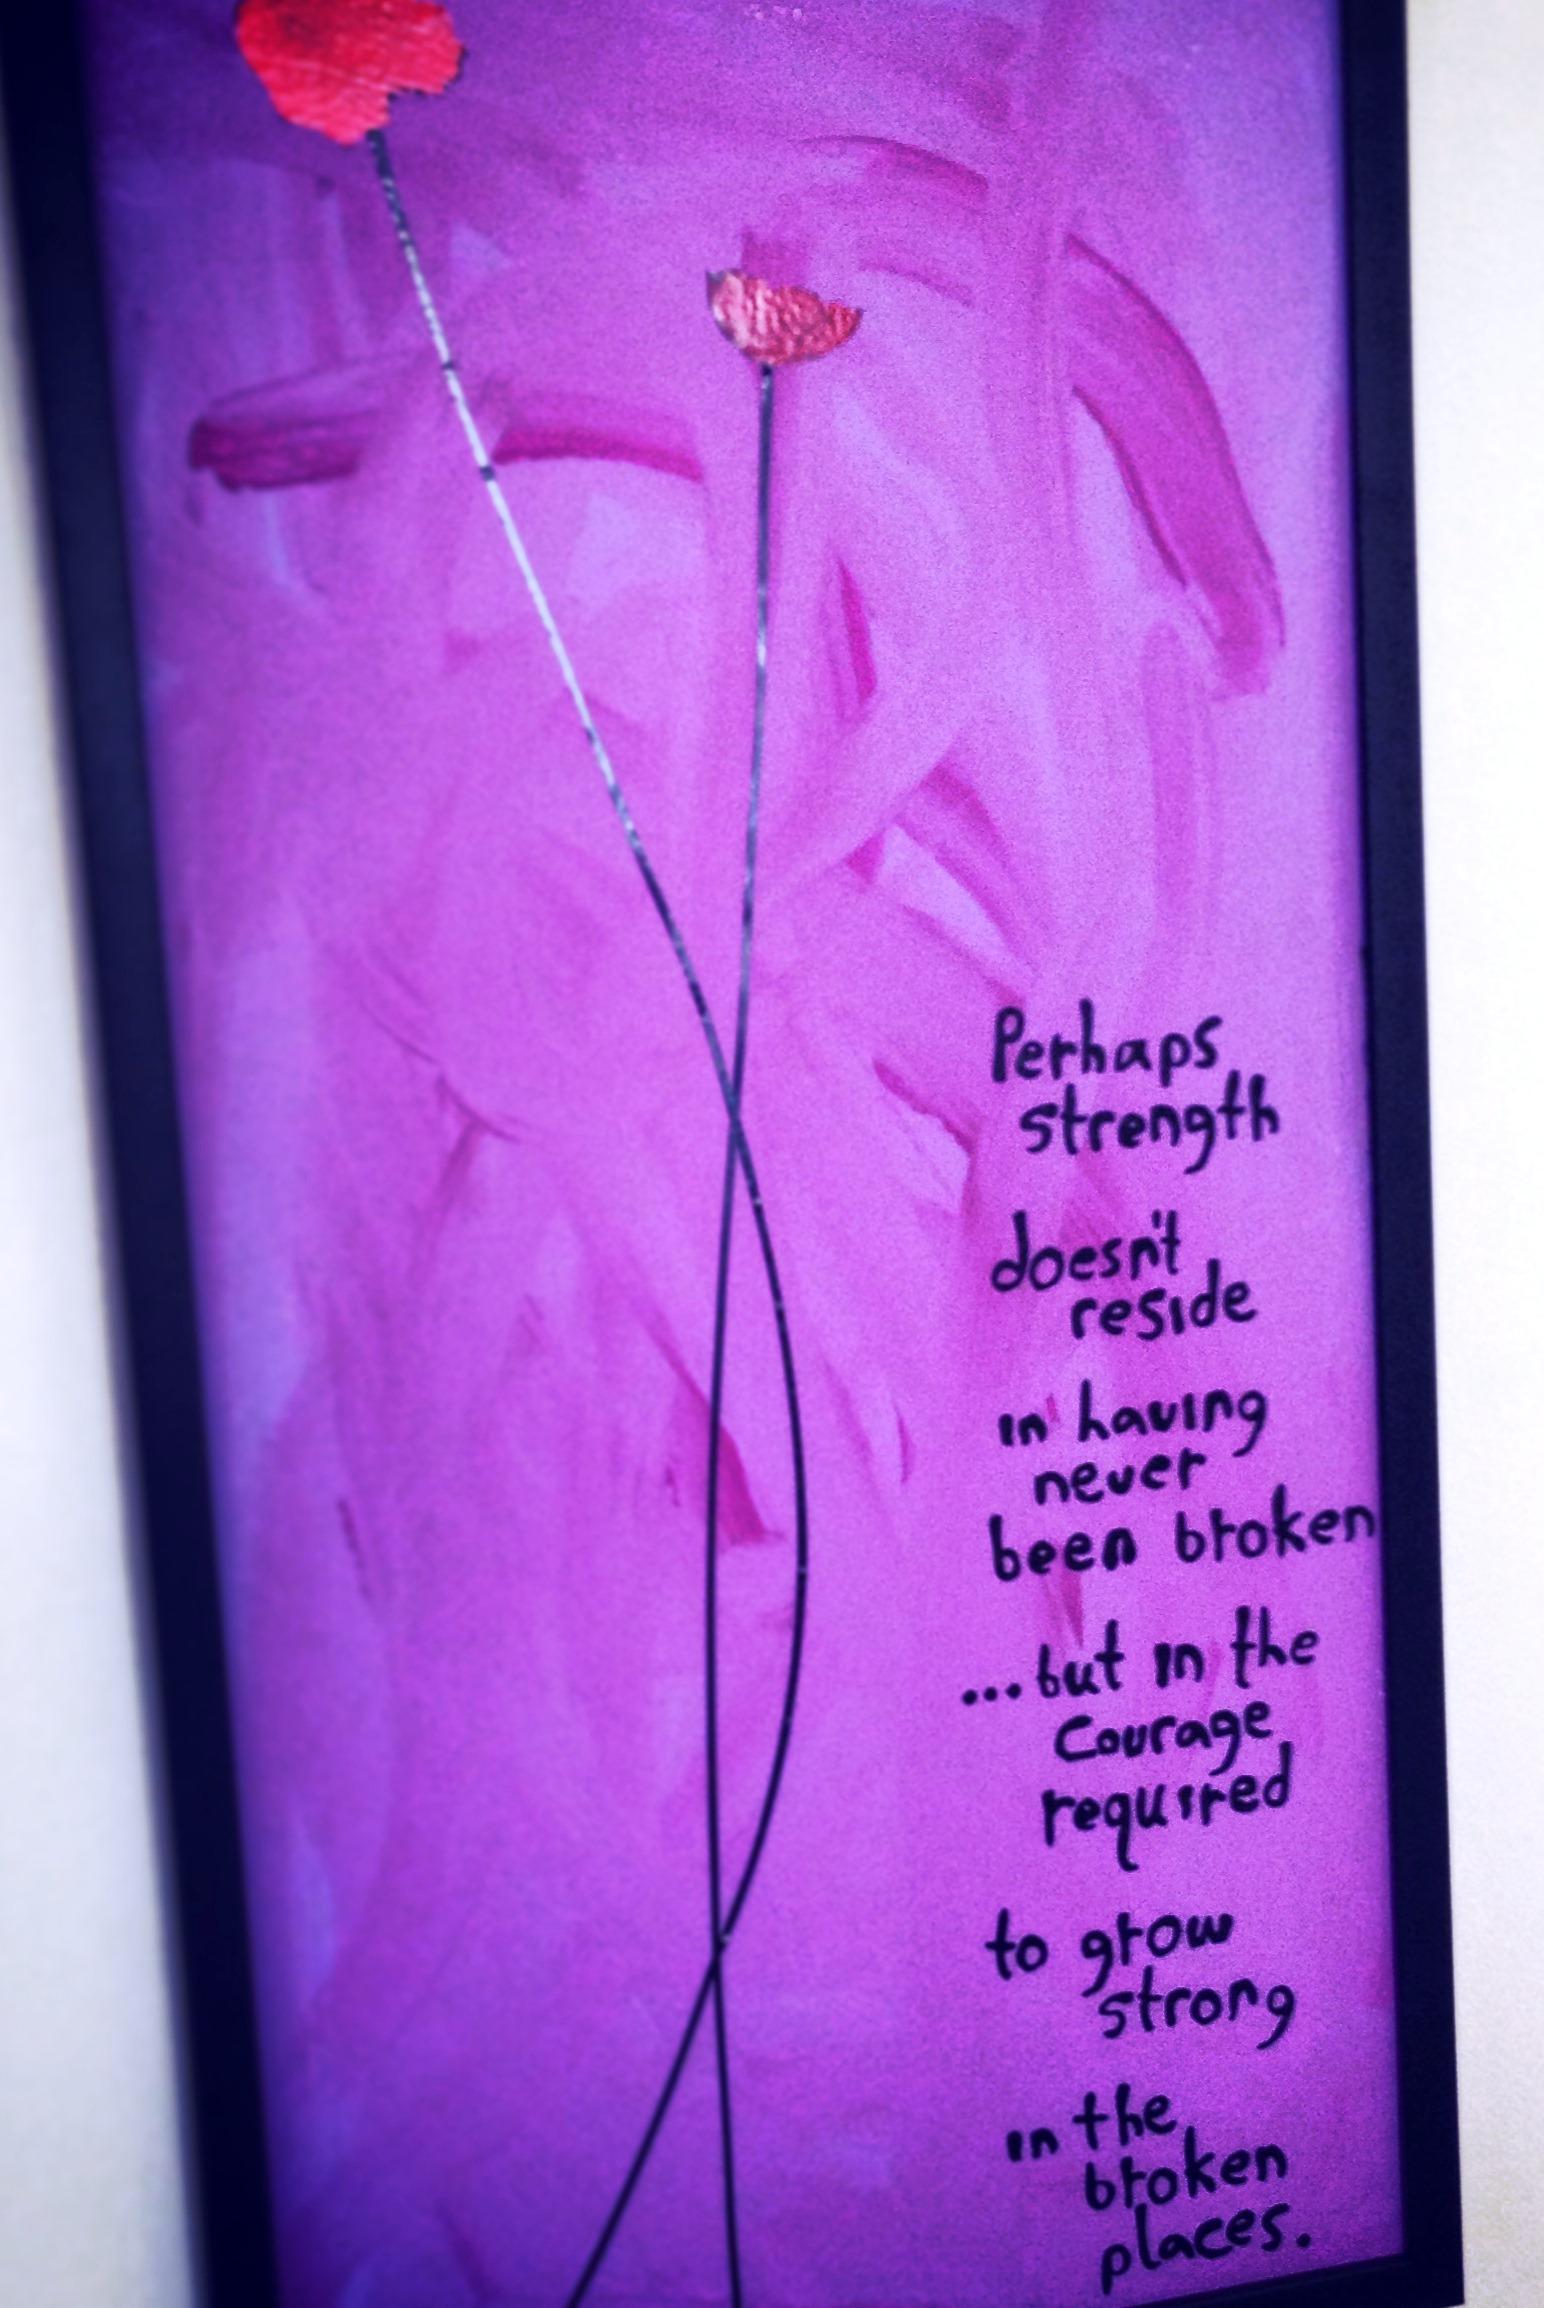 strength-in-broken-places.jpg